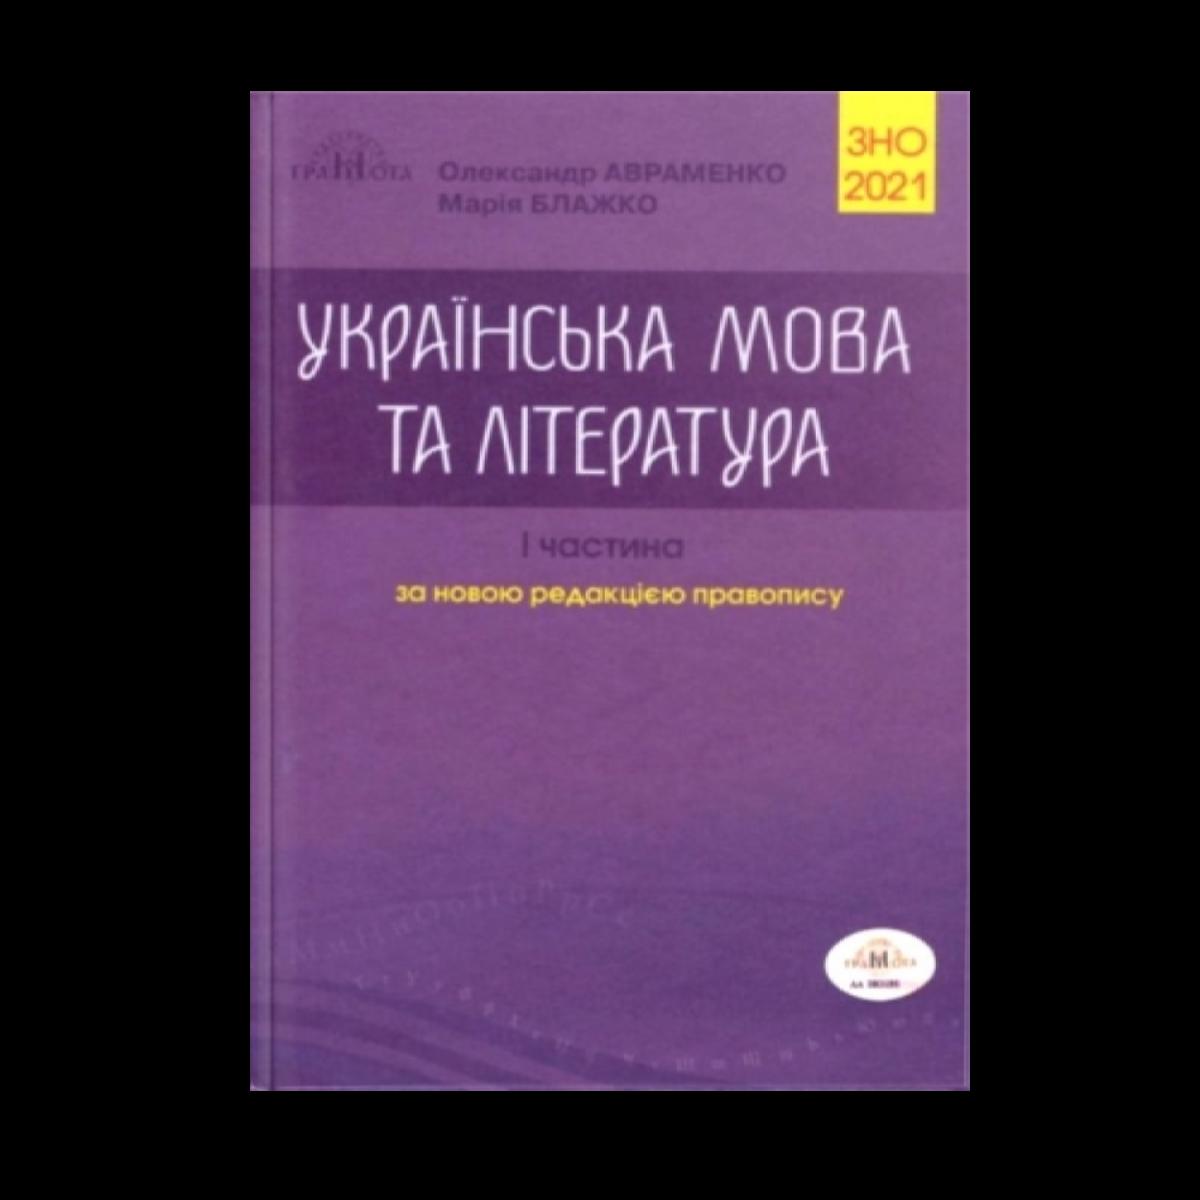 ЗНО 2021. Українська мова та література. І частина